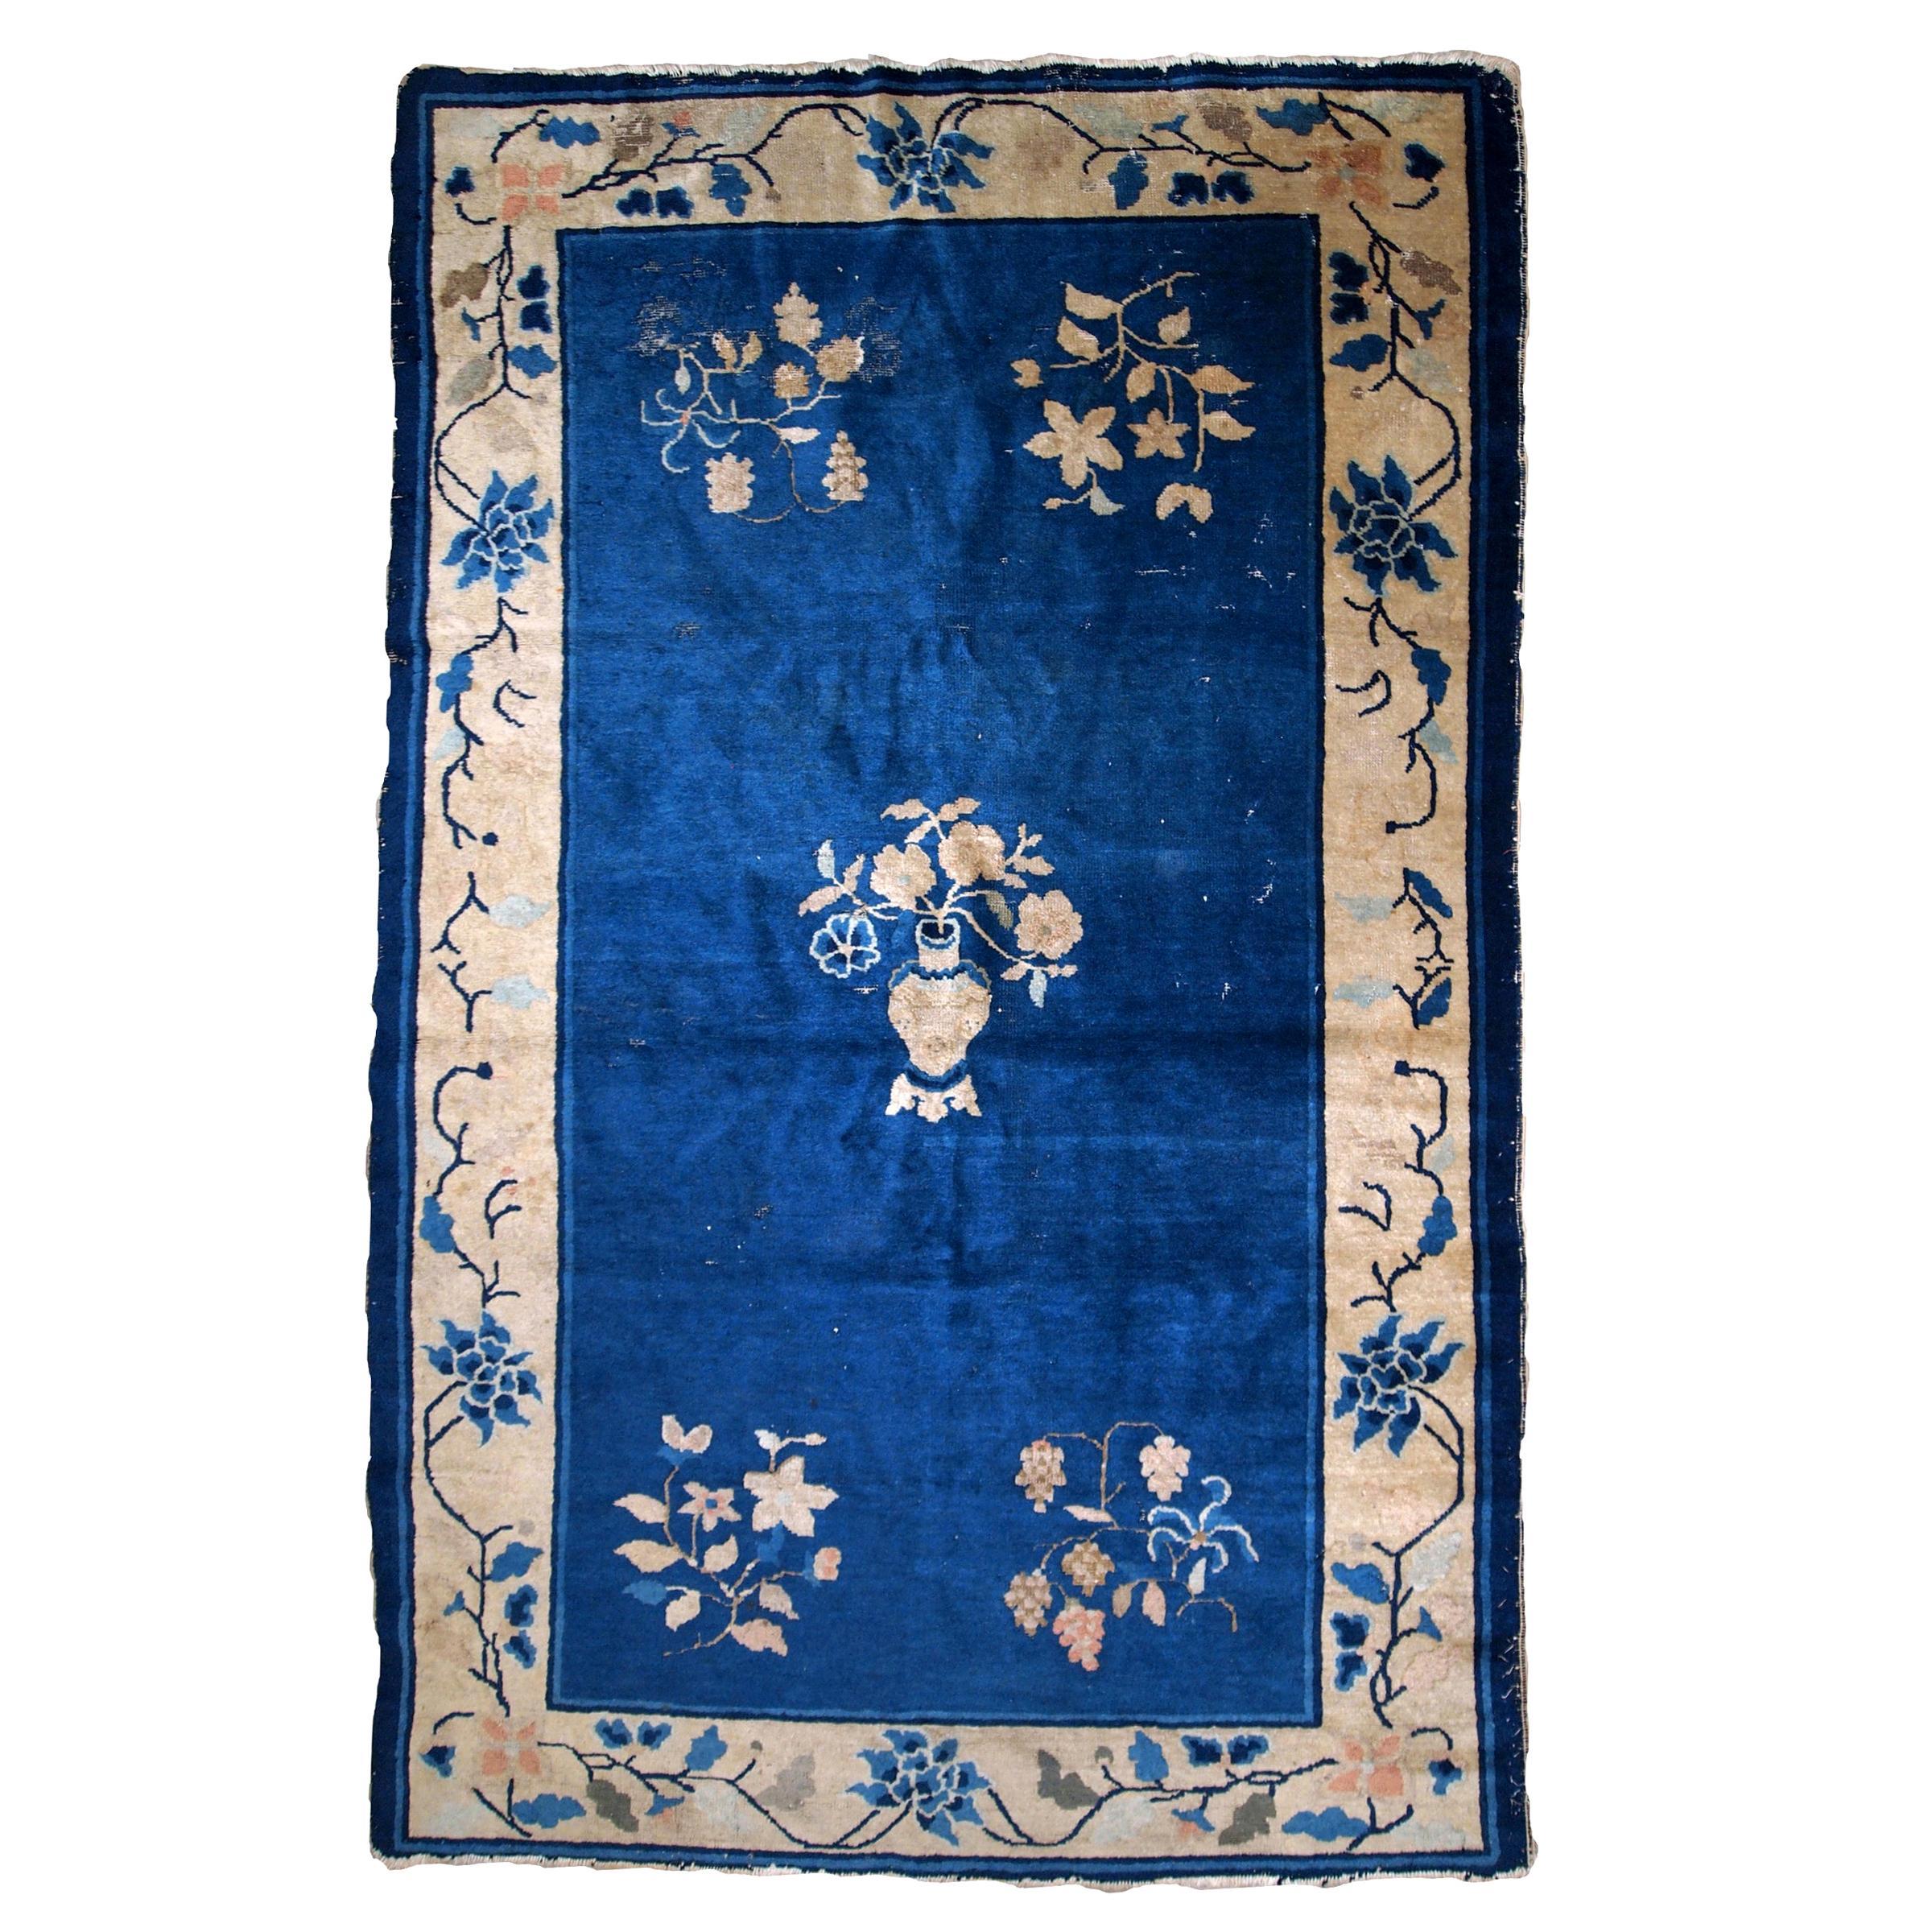 Handmade Antique Chinese Peking Rug, 1900s, 1B851